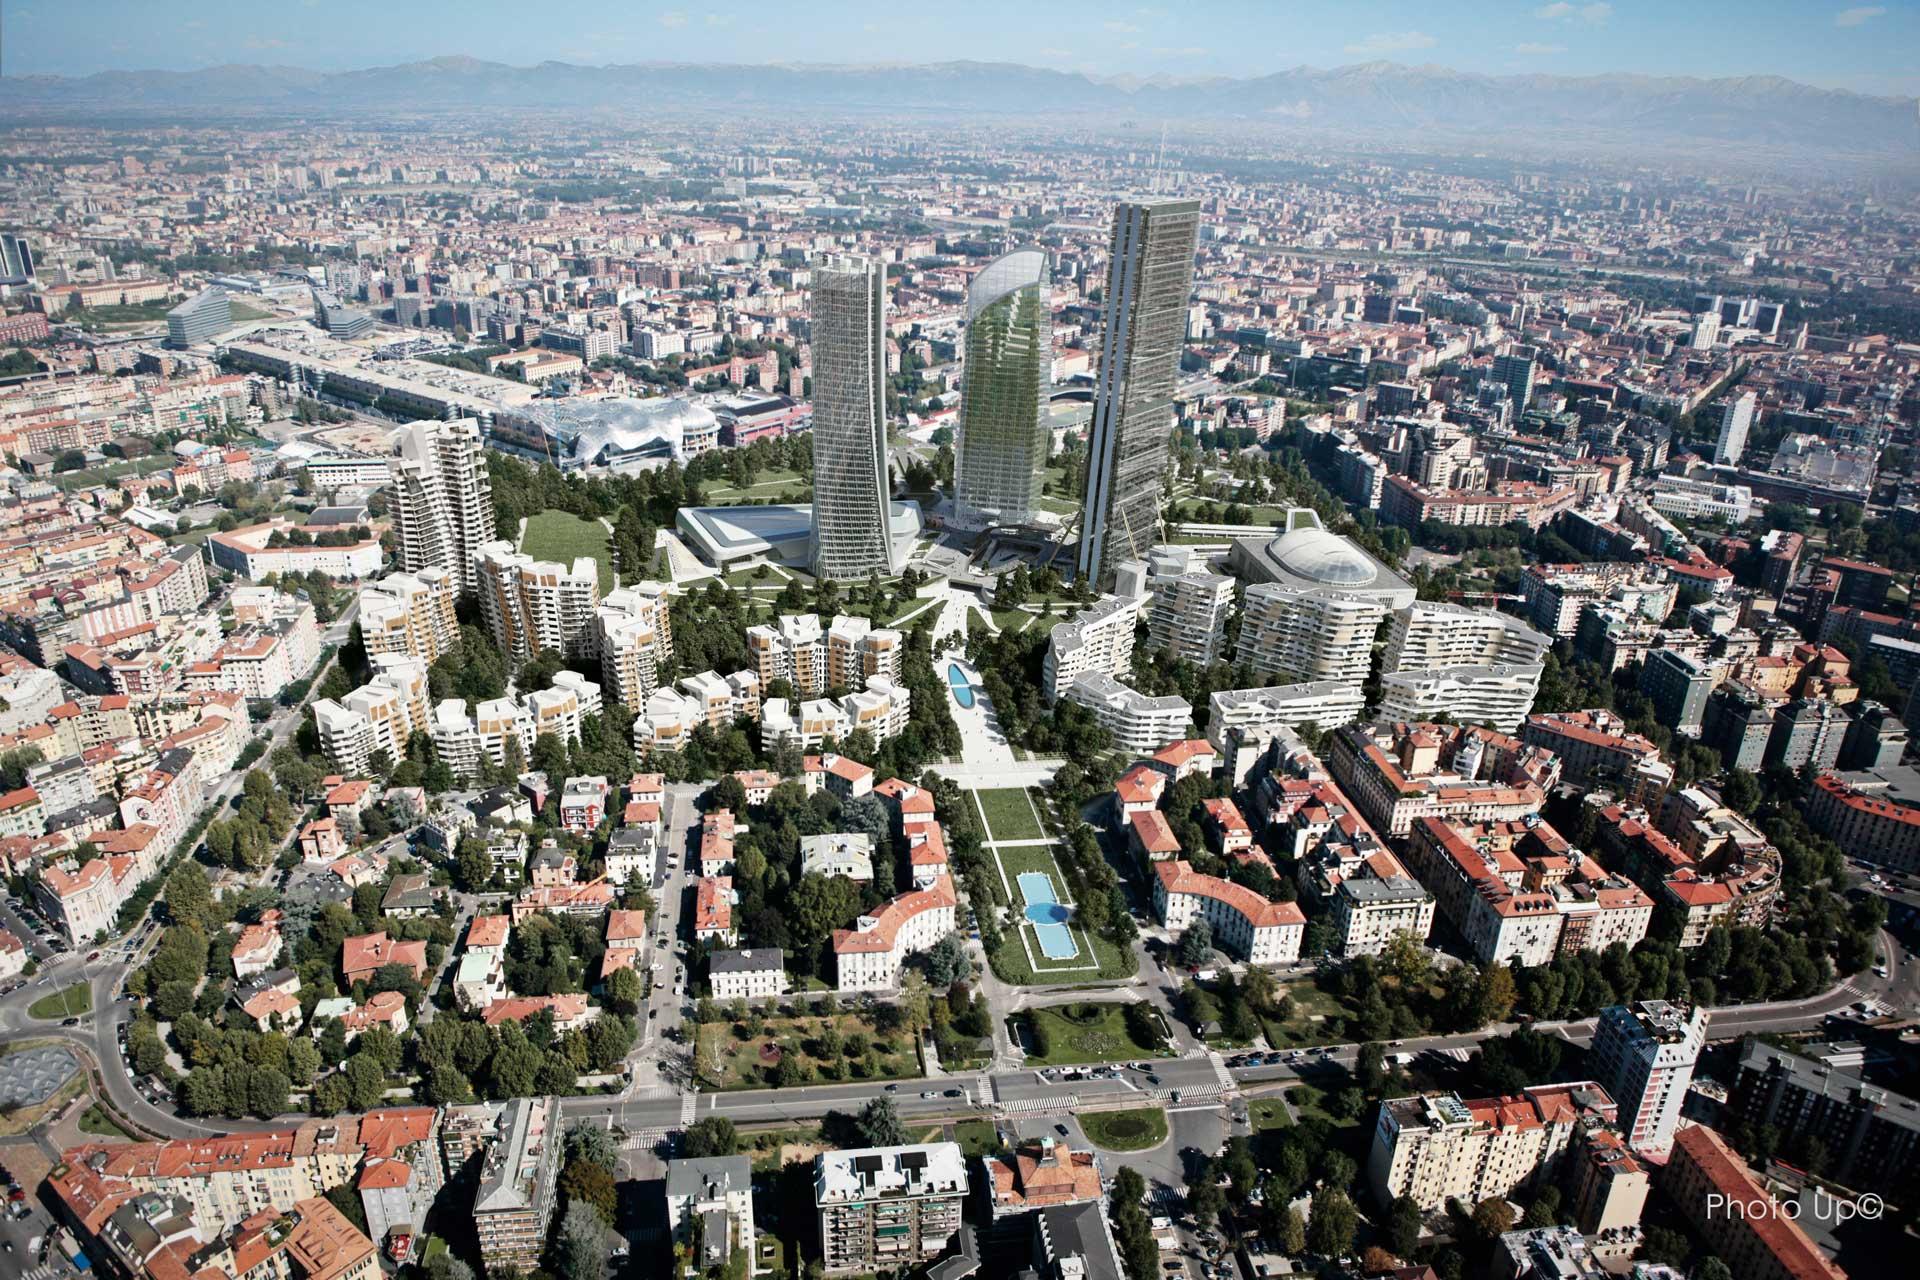 City Life Milano / Un Complejo Residencial de Zaha Hadid 6